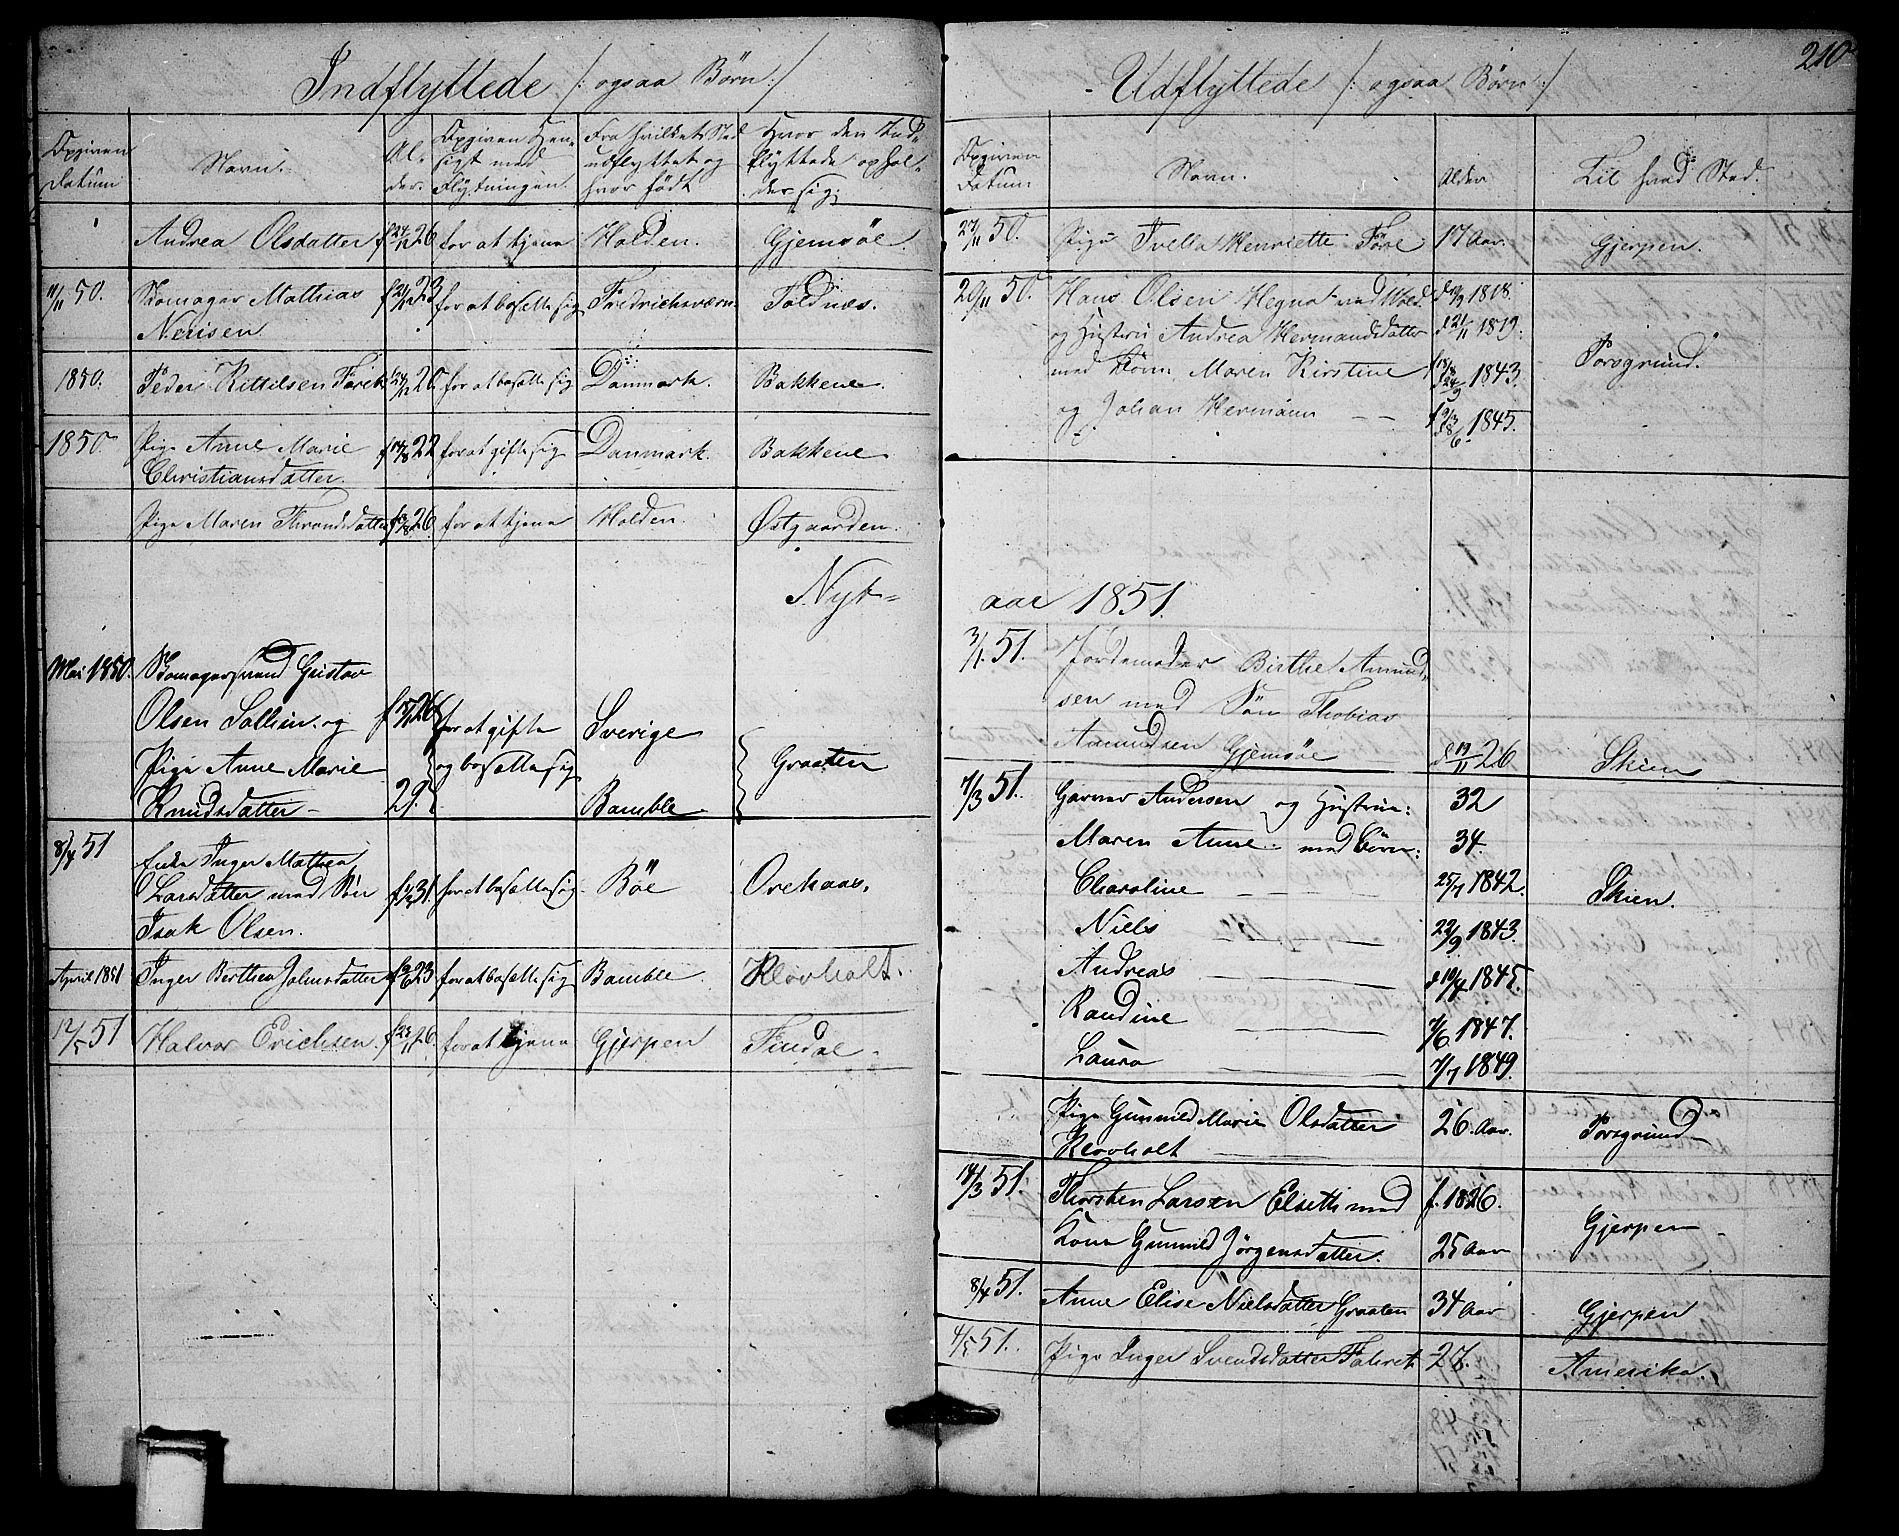 SAKO, Solum kirkebøker, G/Ga/L0003: Klokkerbok nr. I 3, 1848-1859, s. 210